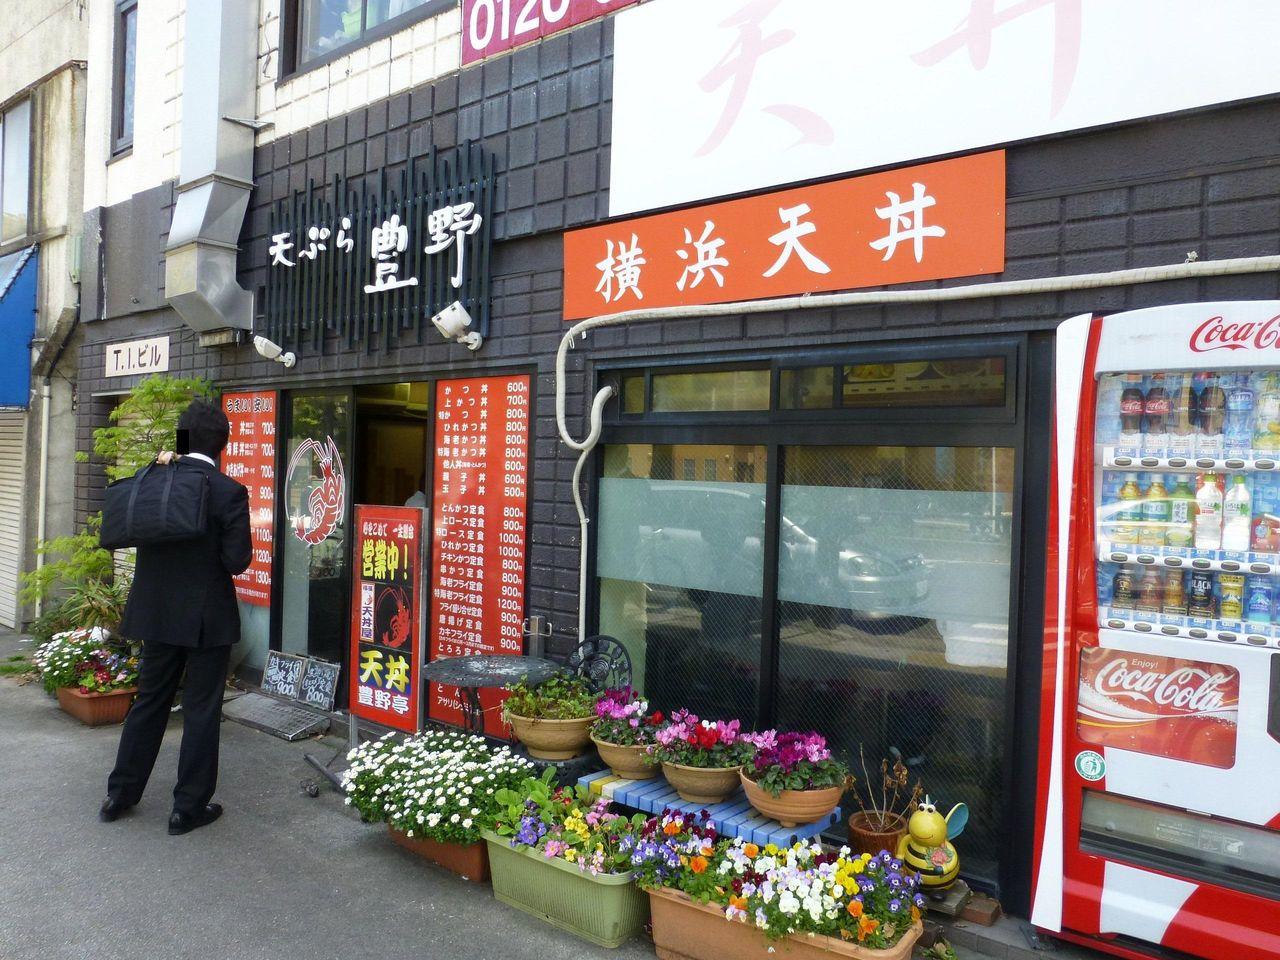 「豊野丼」の並びに店を構える「天ぷら豊野」